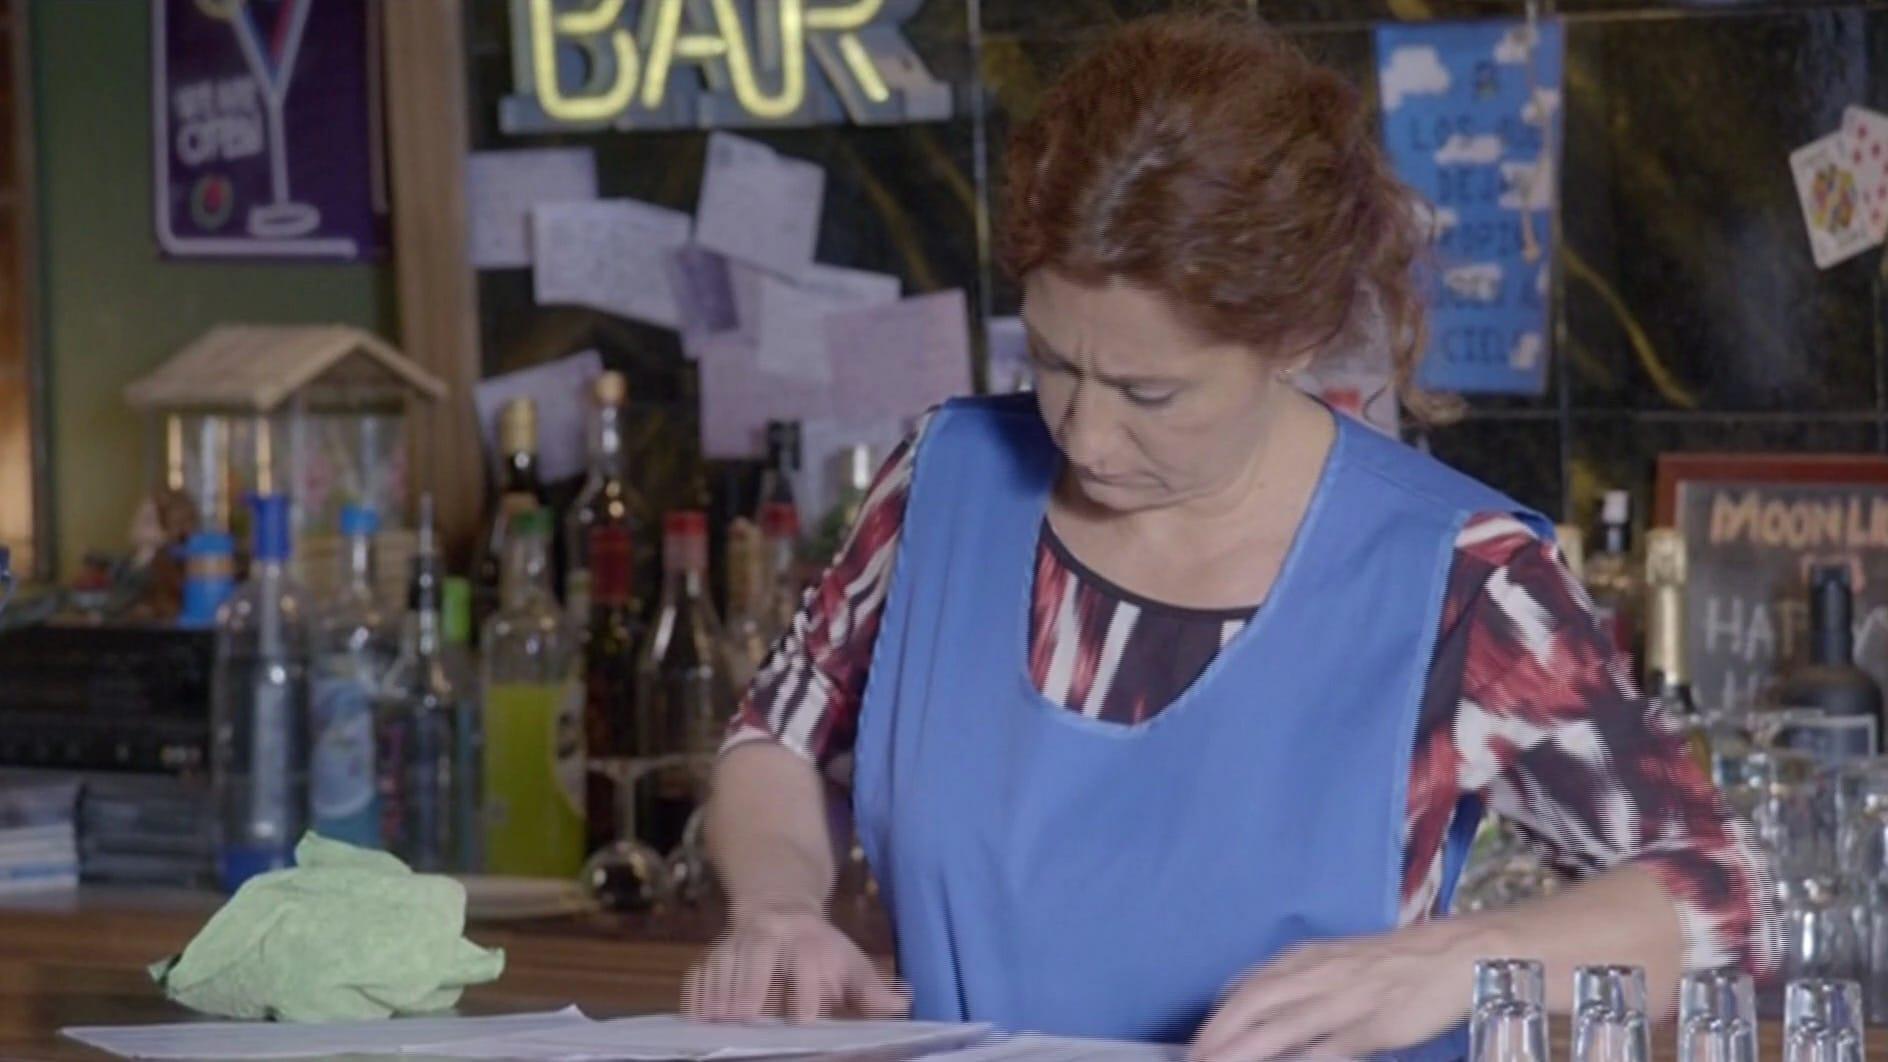 ¿Qué oculta Lourdes?, mañana en 'Servir y proteger' (video) - Cultura en serie